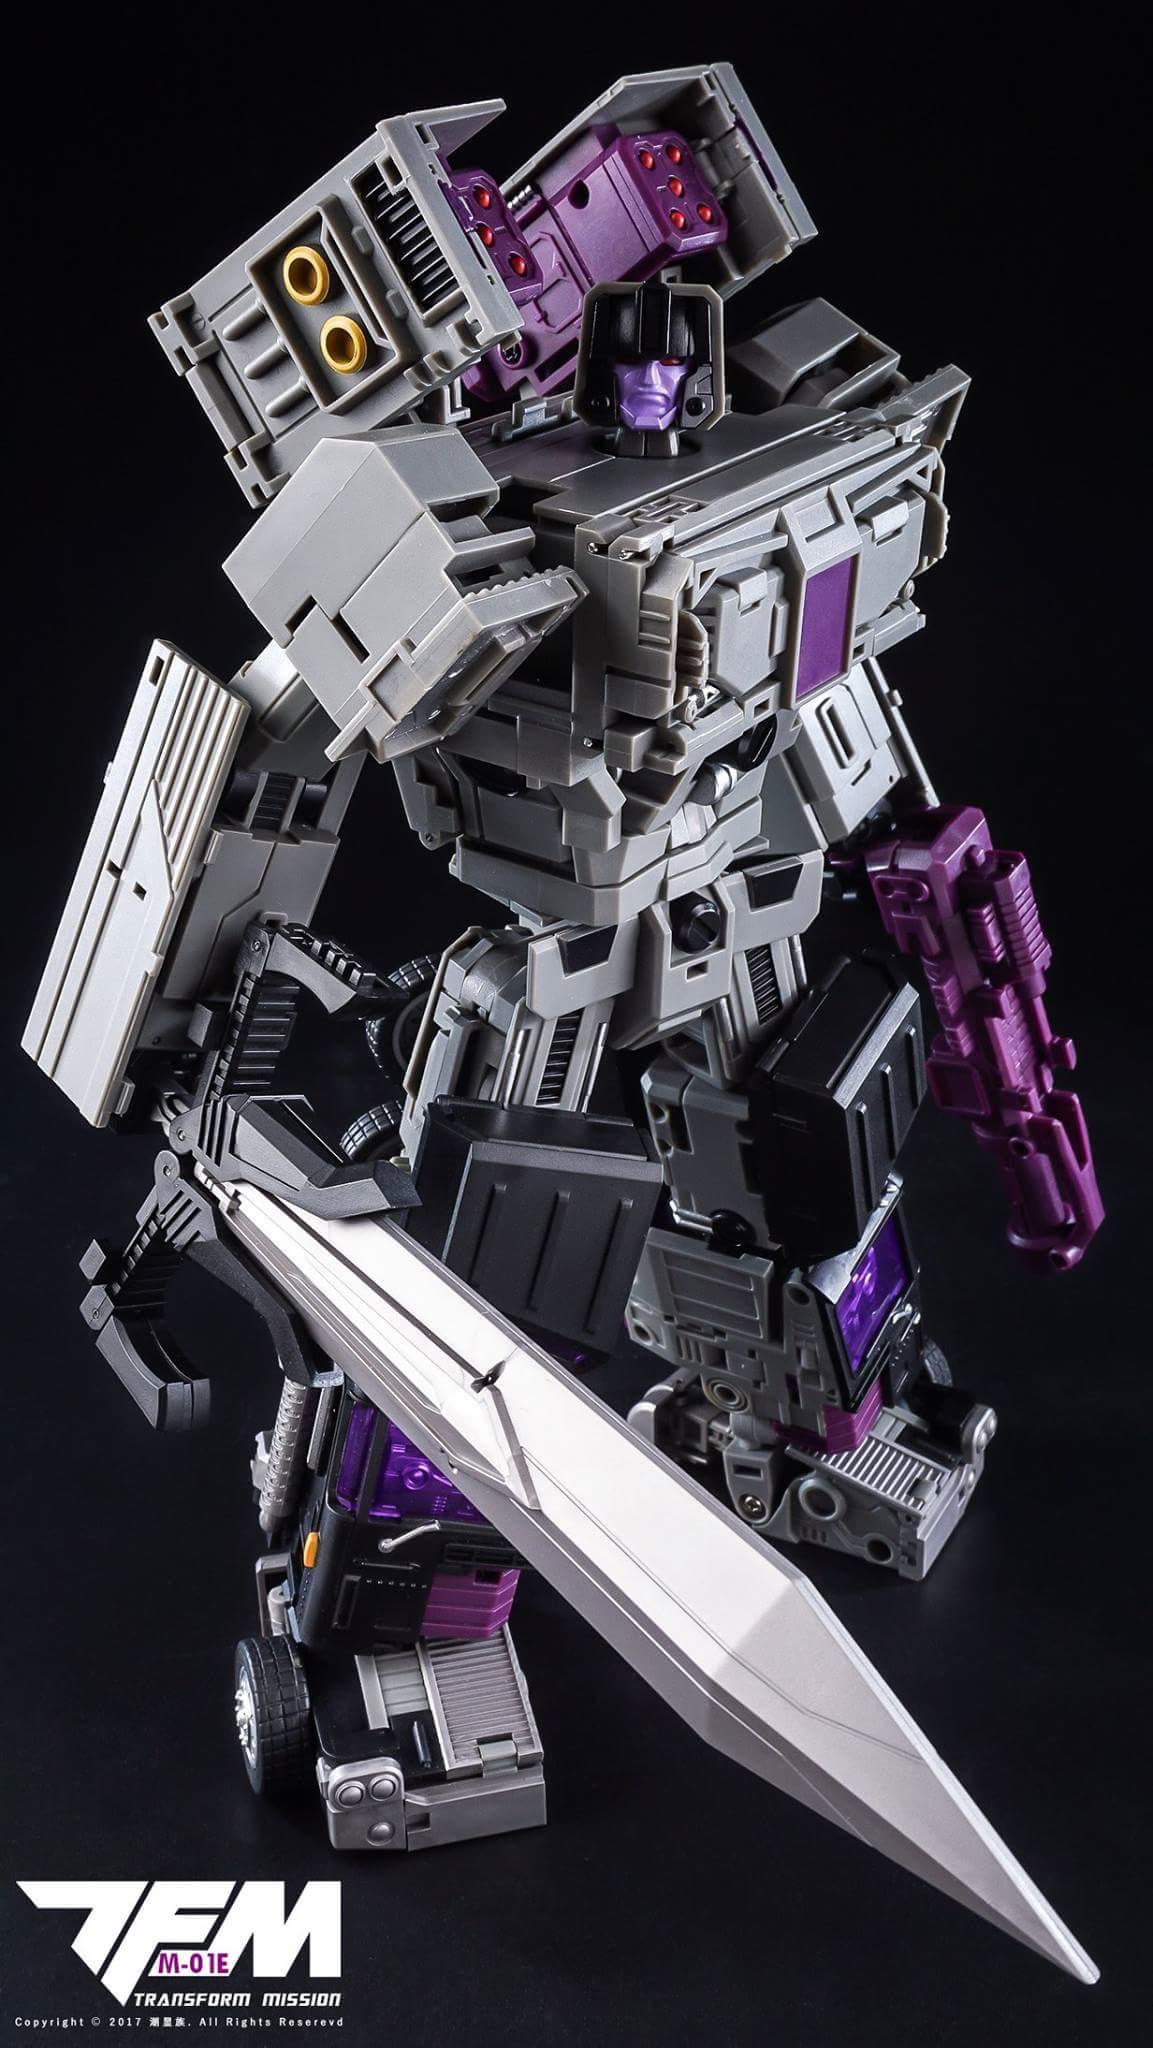 [Transform Mission] Produit Tiers - Jouet M-01 AutoSamurai - aka Menasor/Menaseur des BD IDW - Page 4 PXXI5qBv